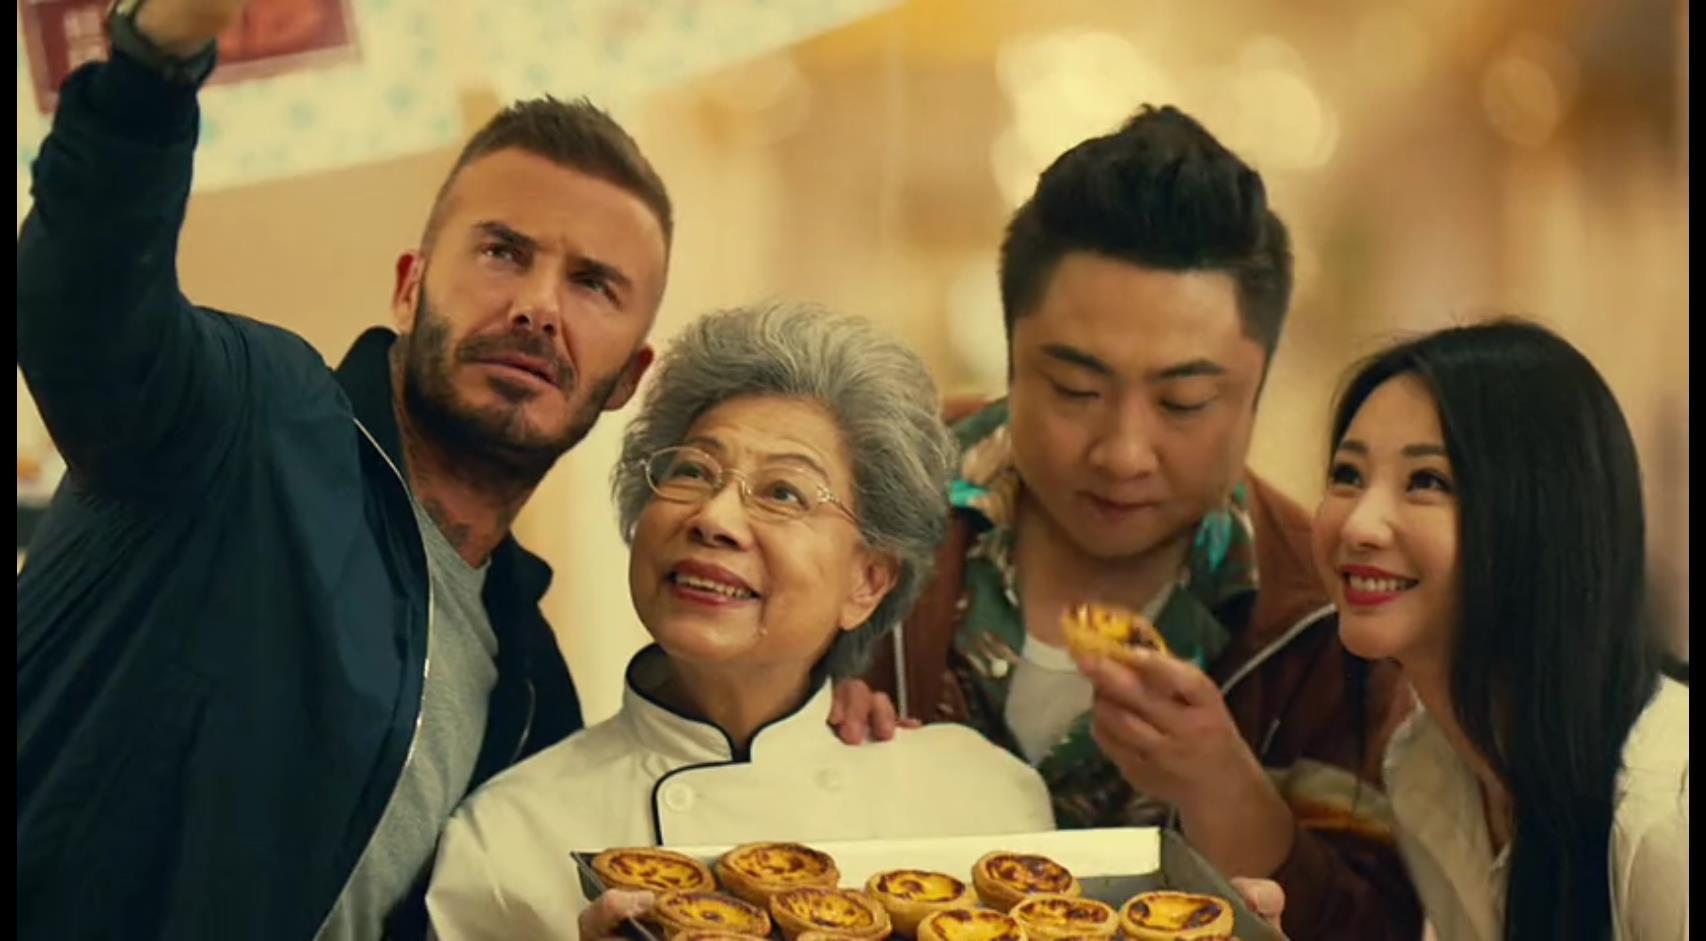 《就是这个味道》-小贝领衔主演澳门金沙度假区宣传片